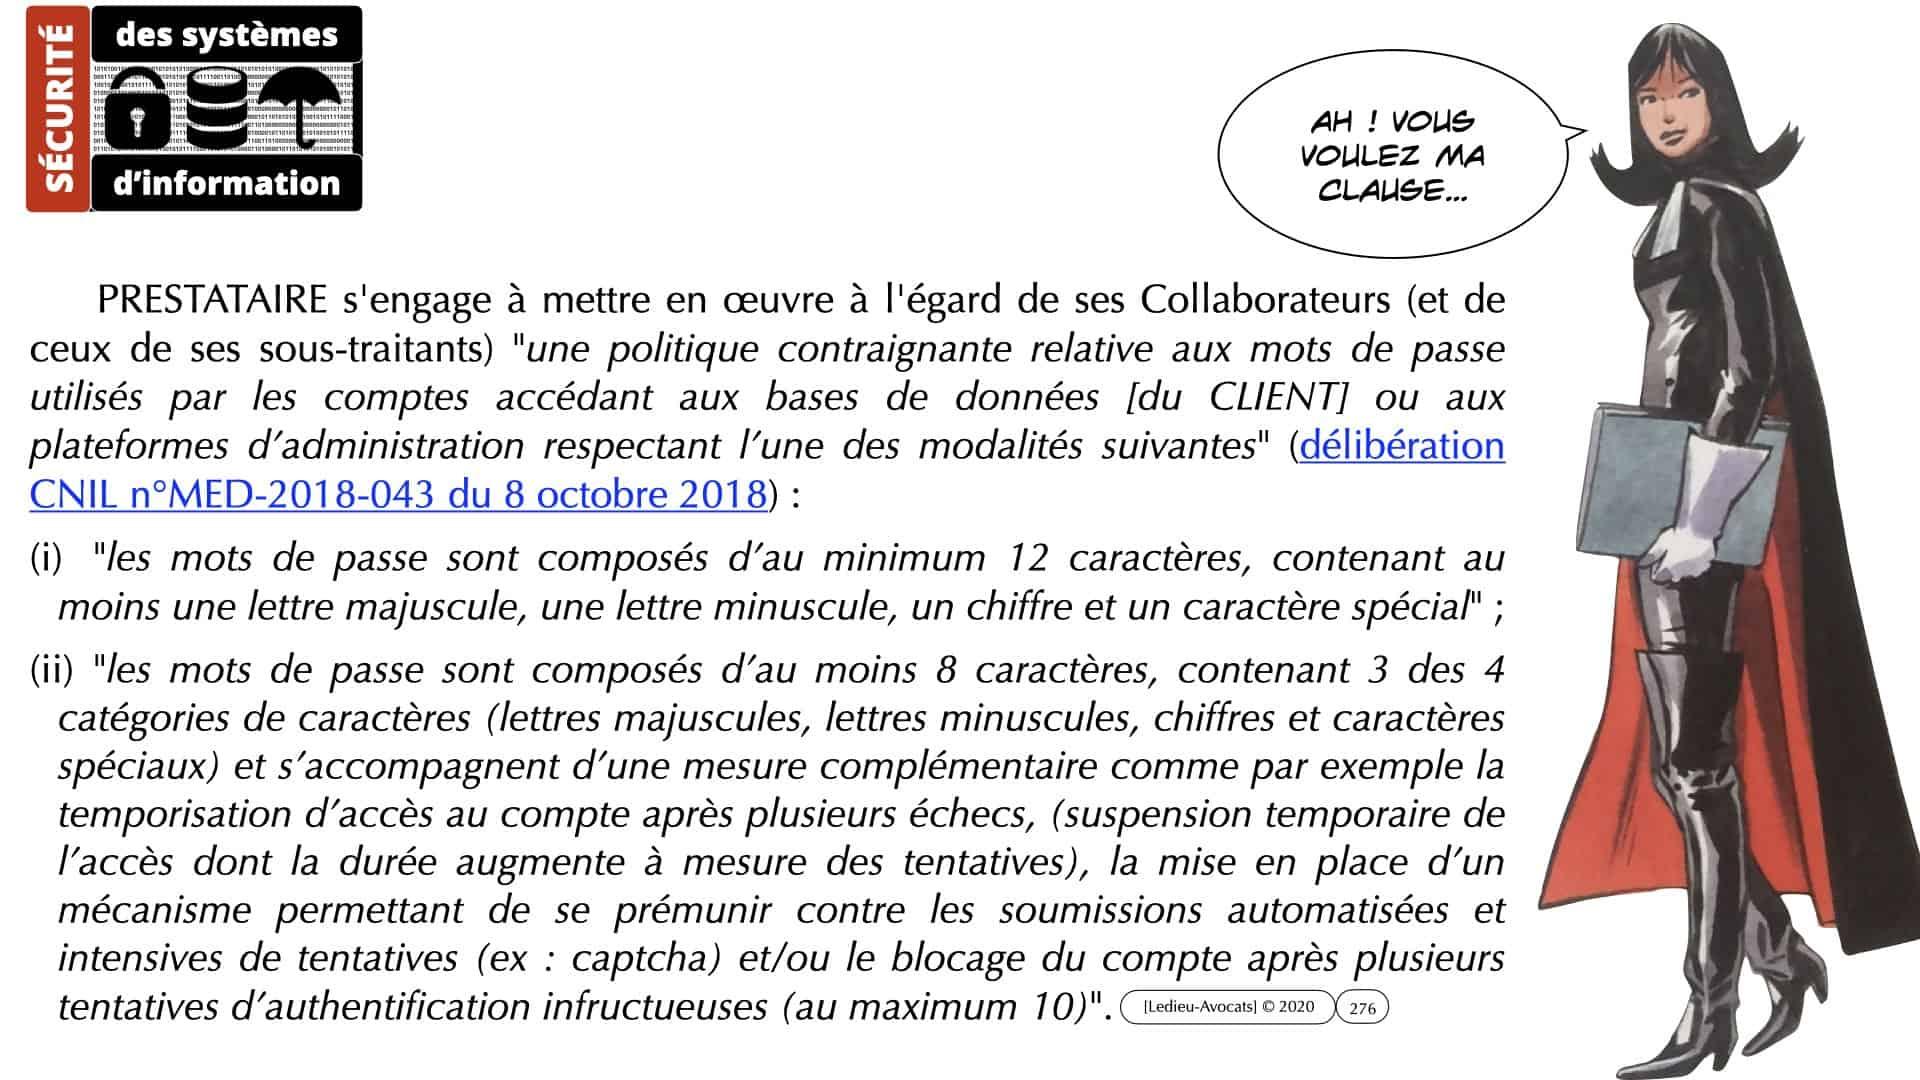 RGPD e-Privacy données personnelles jurisprudence formation Lamy Les Echos 10-02-2021 ©Ledieu-Avocats.276